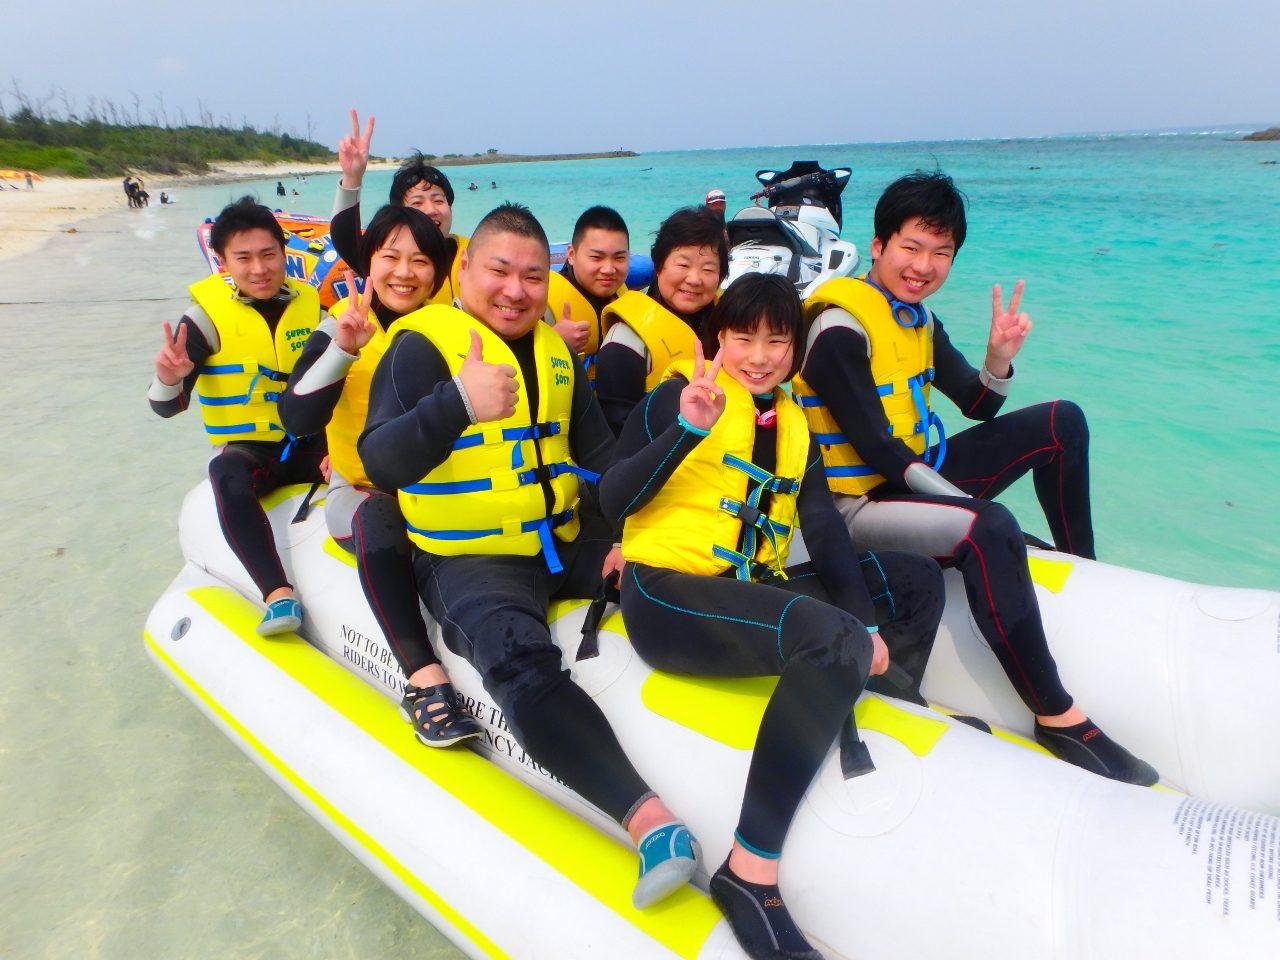 水納島OPEN(*^_^*)【沖縄マリンスポーツ専門店★水納島マーメイド】